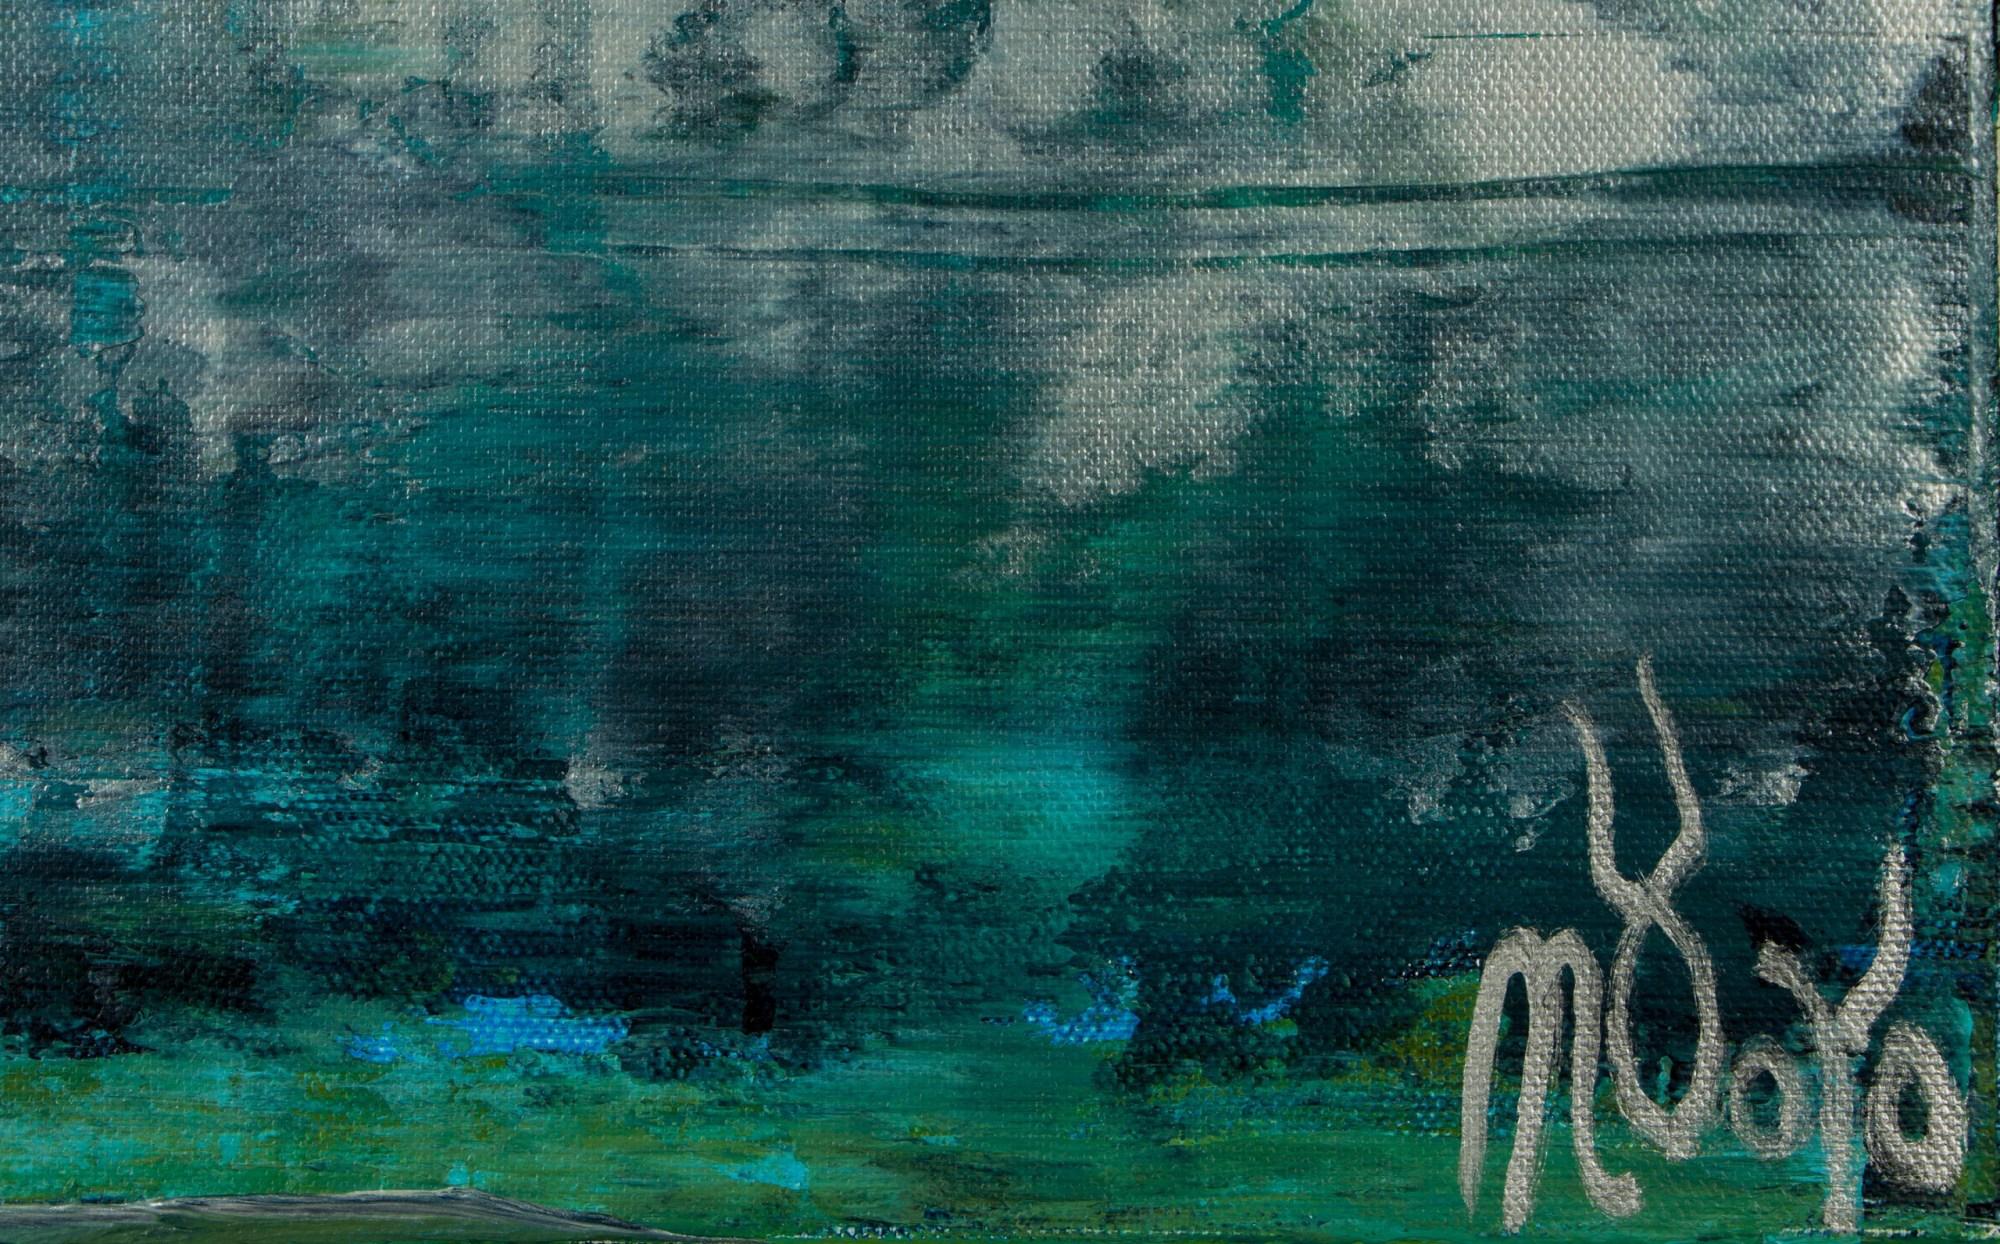 Signature / Waterflow (Night Clouds) / (2021) / Artist - Nestor Toro